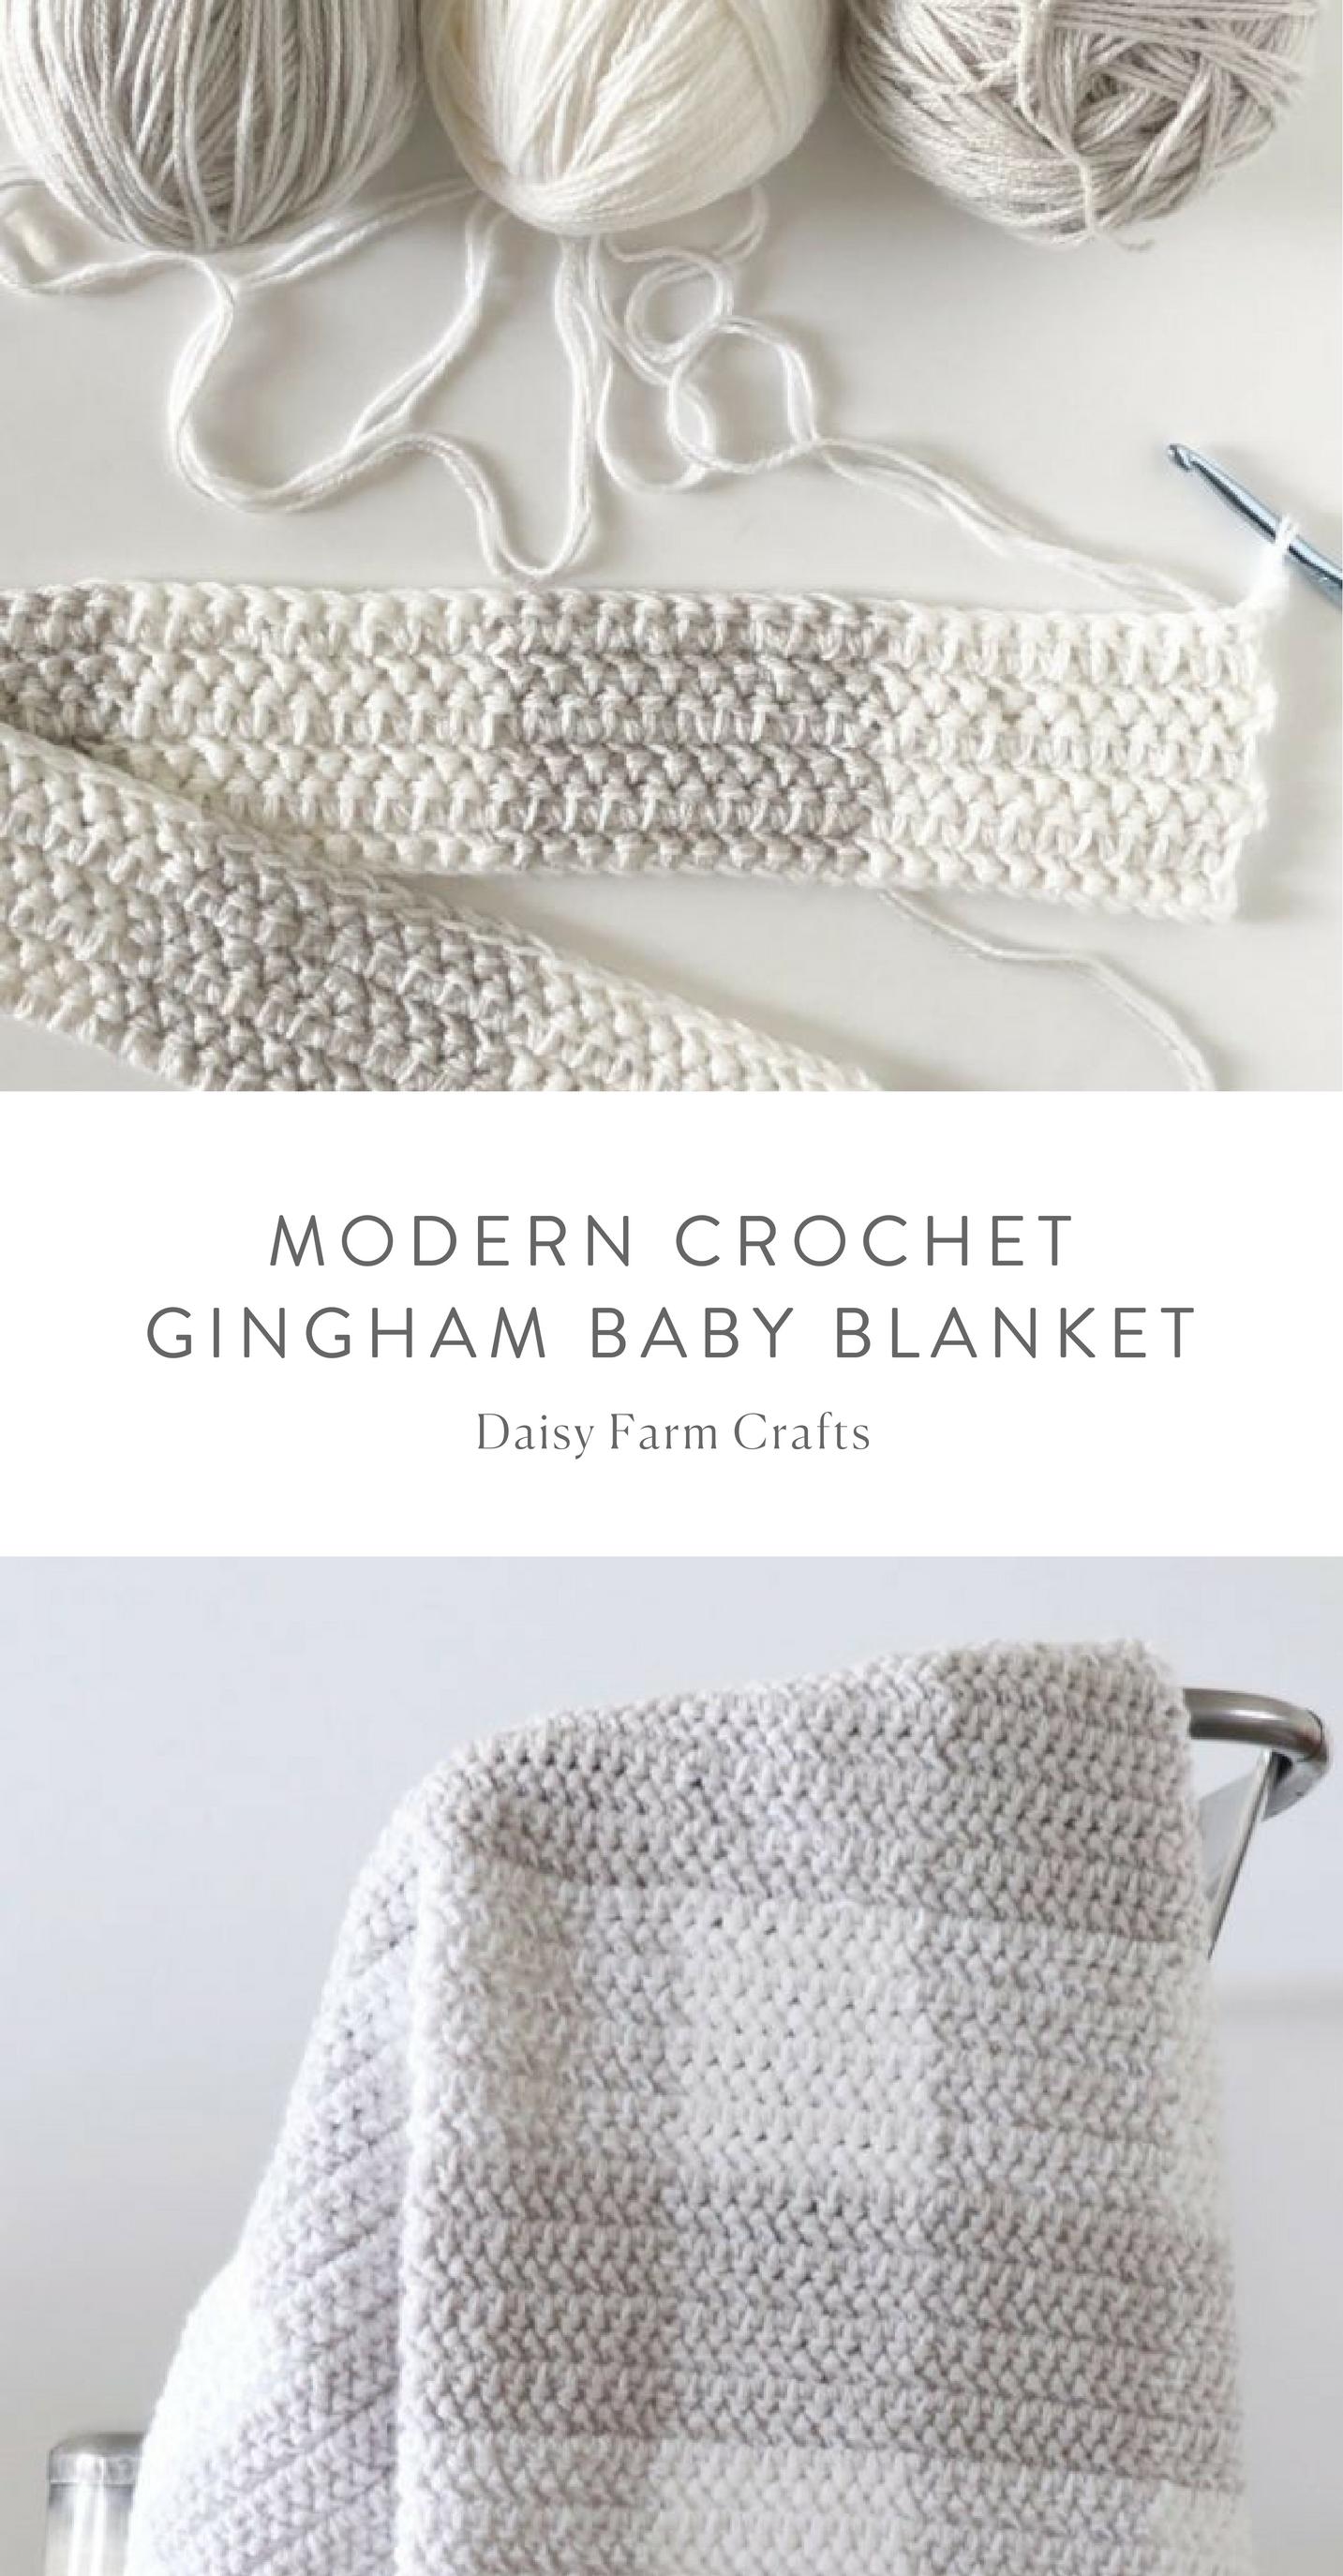 Free Pattern - Modern Crochet Gingham Baby Blanket #crochet #babyblanket